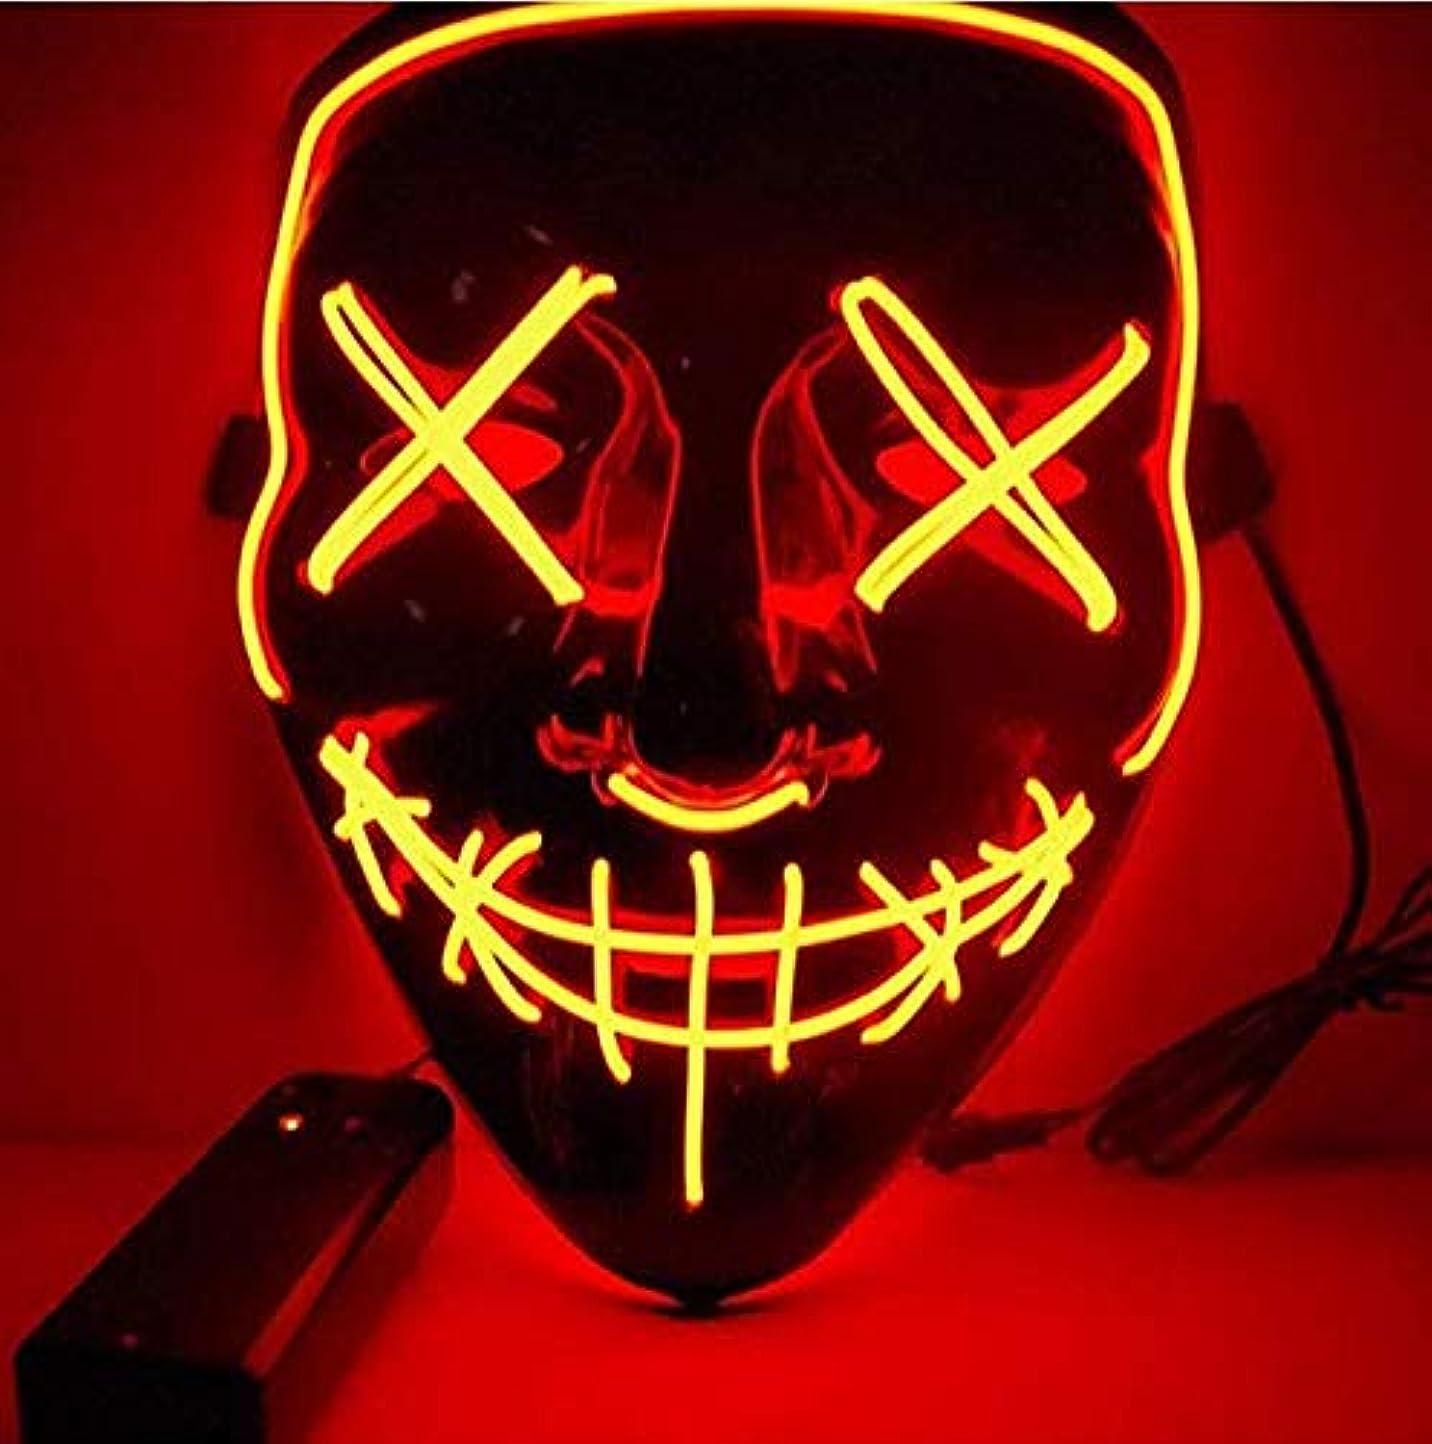 逆さまに作者オートハロウィンマスクLEDライトアップパーティーマスクコスプレコスチュームサプライ暗闇で光る (Color : YELLOW)